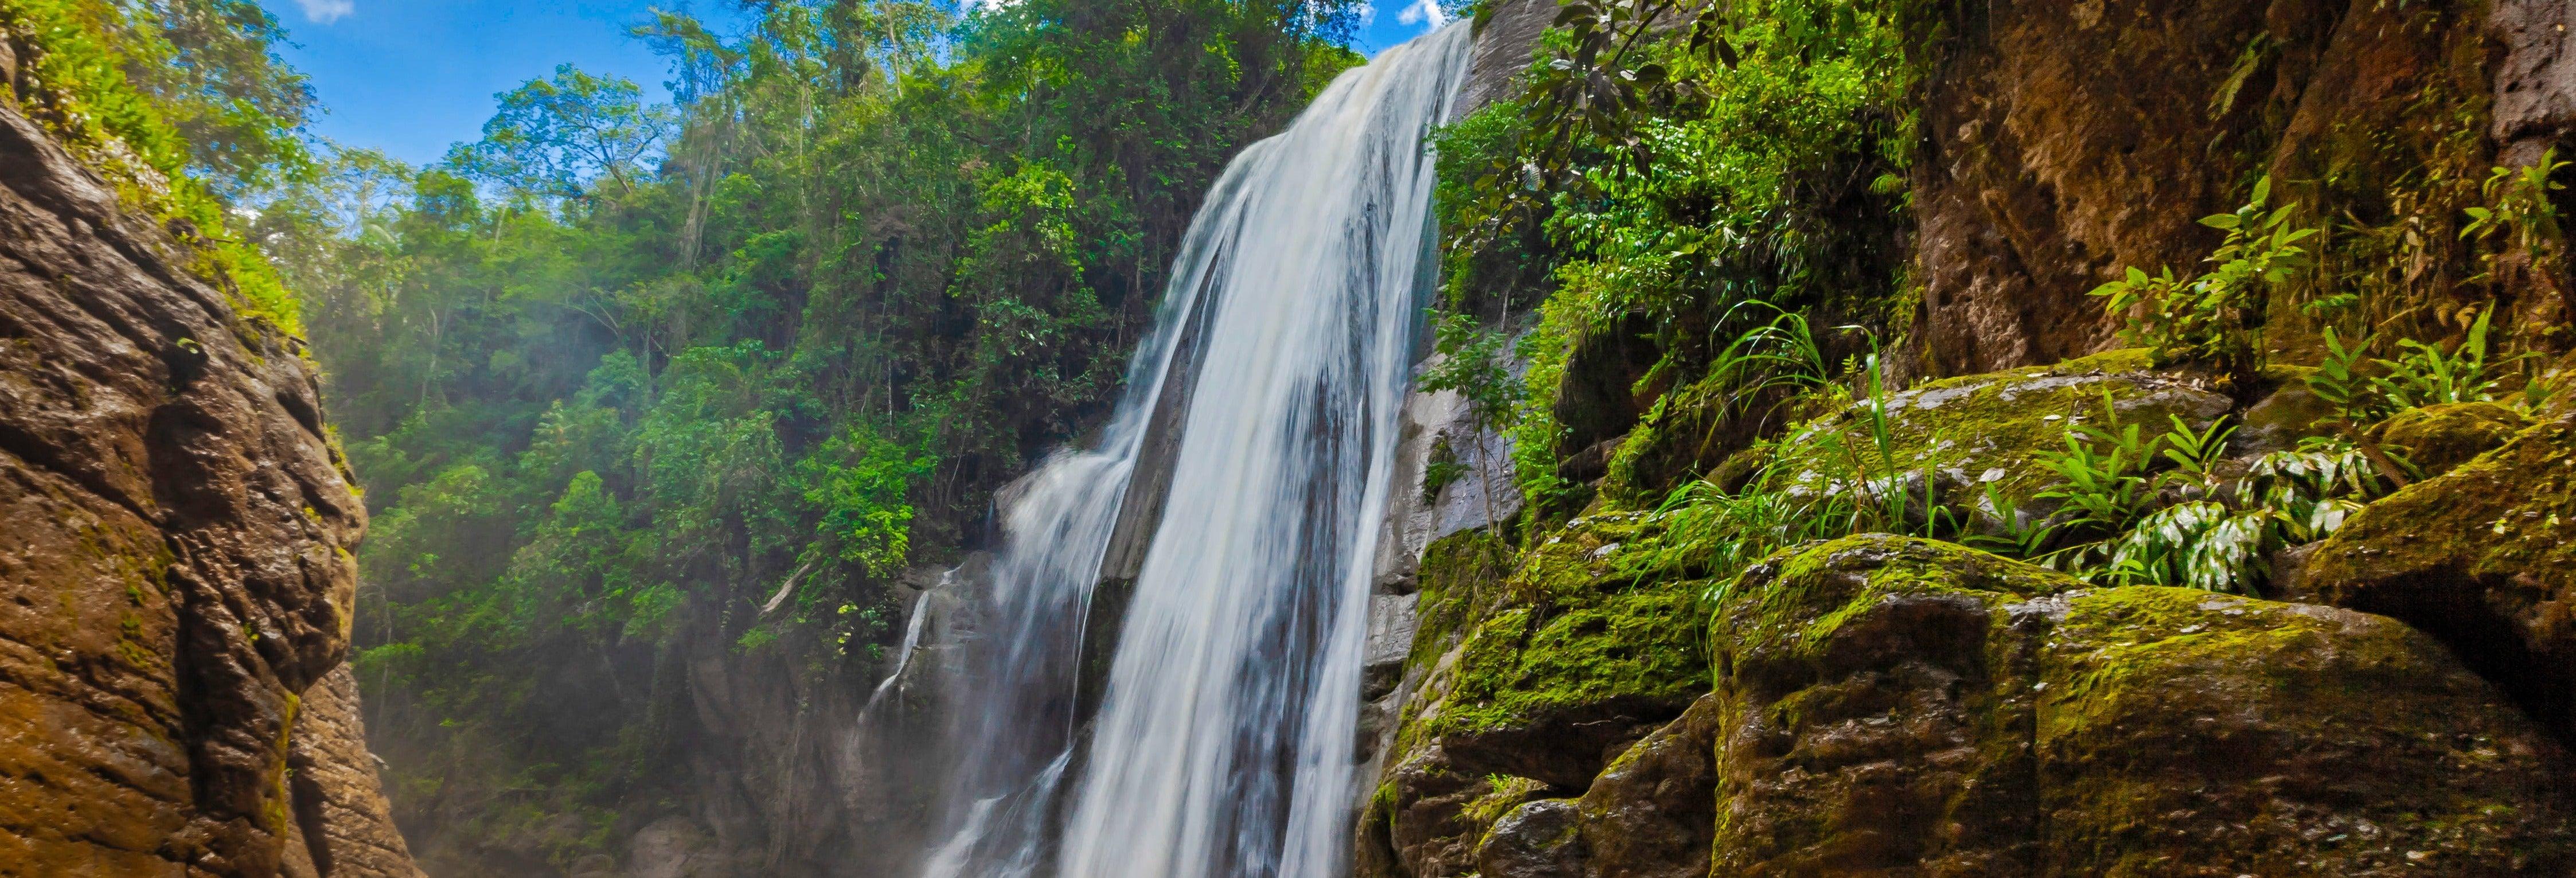 Excursão ao vale do Perené e às cataratas de Chanchamayo